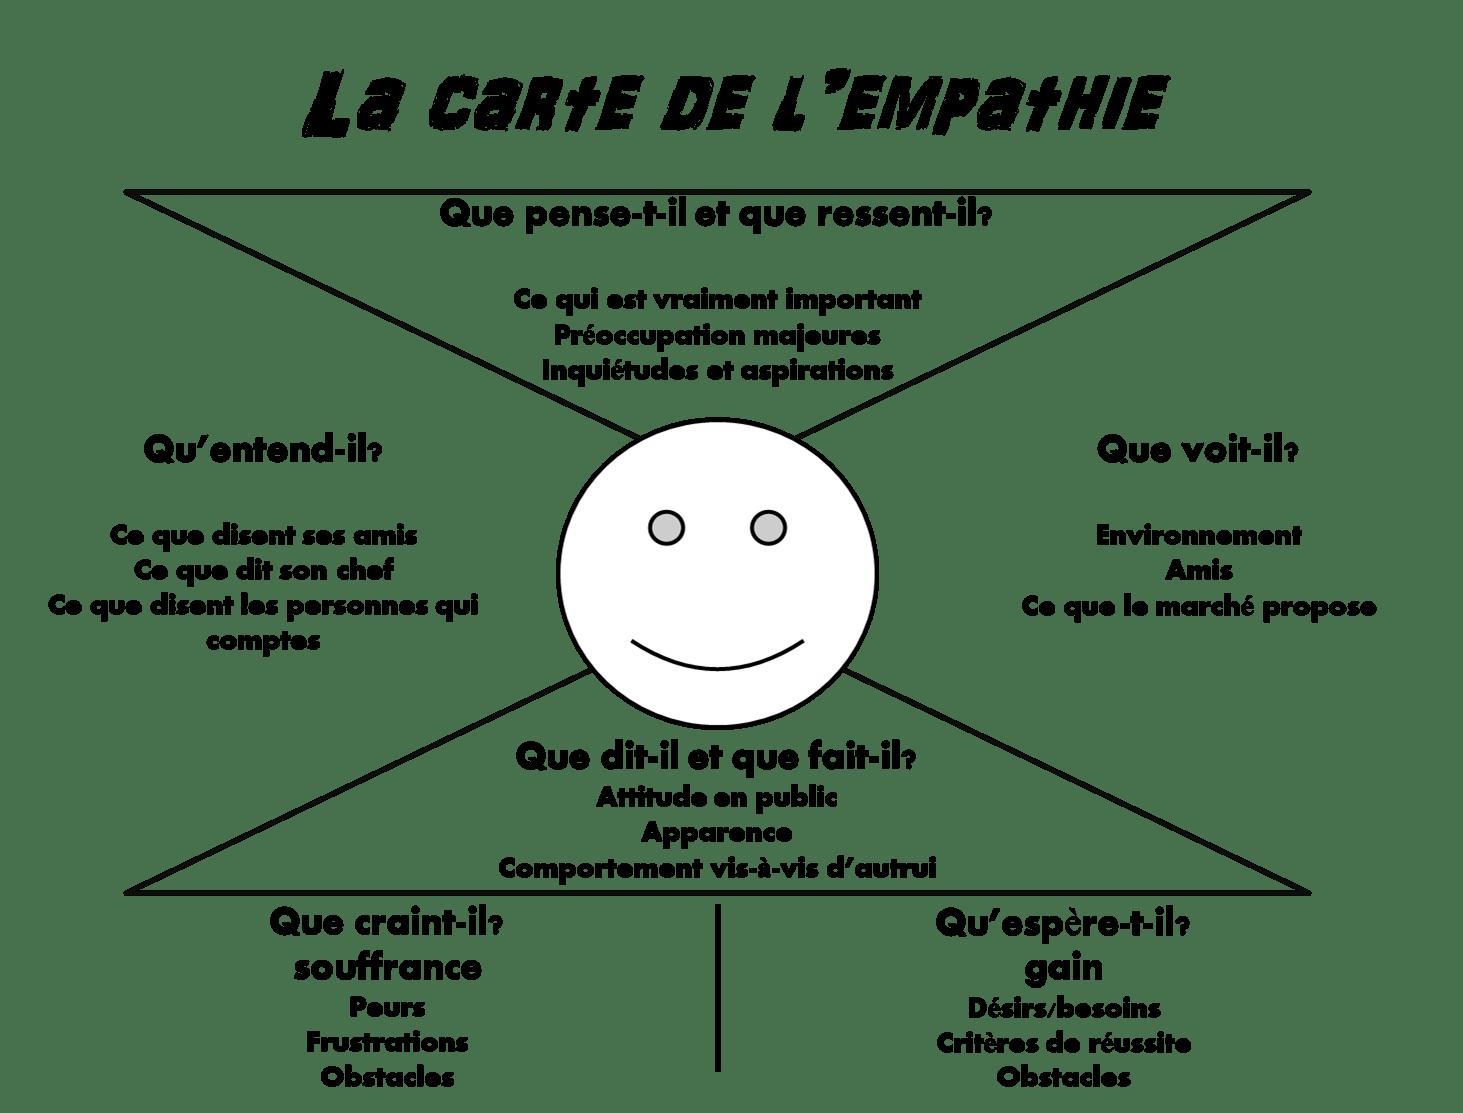 La carte de l'empathie - Start-up Shelter